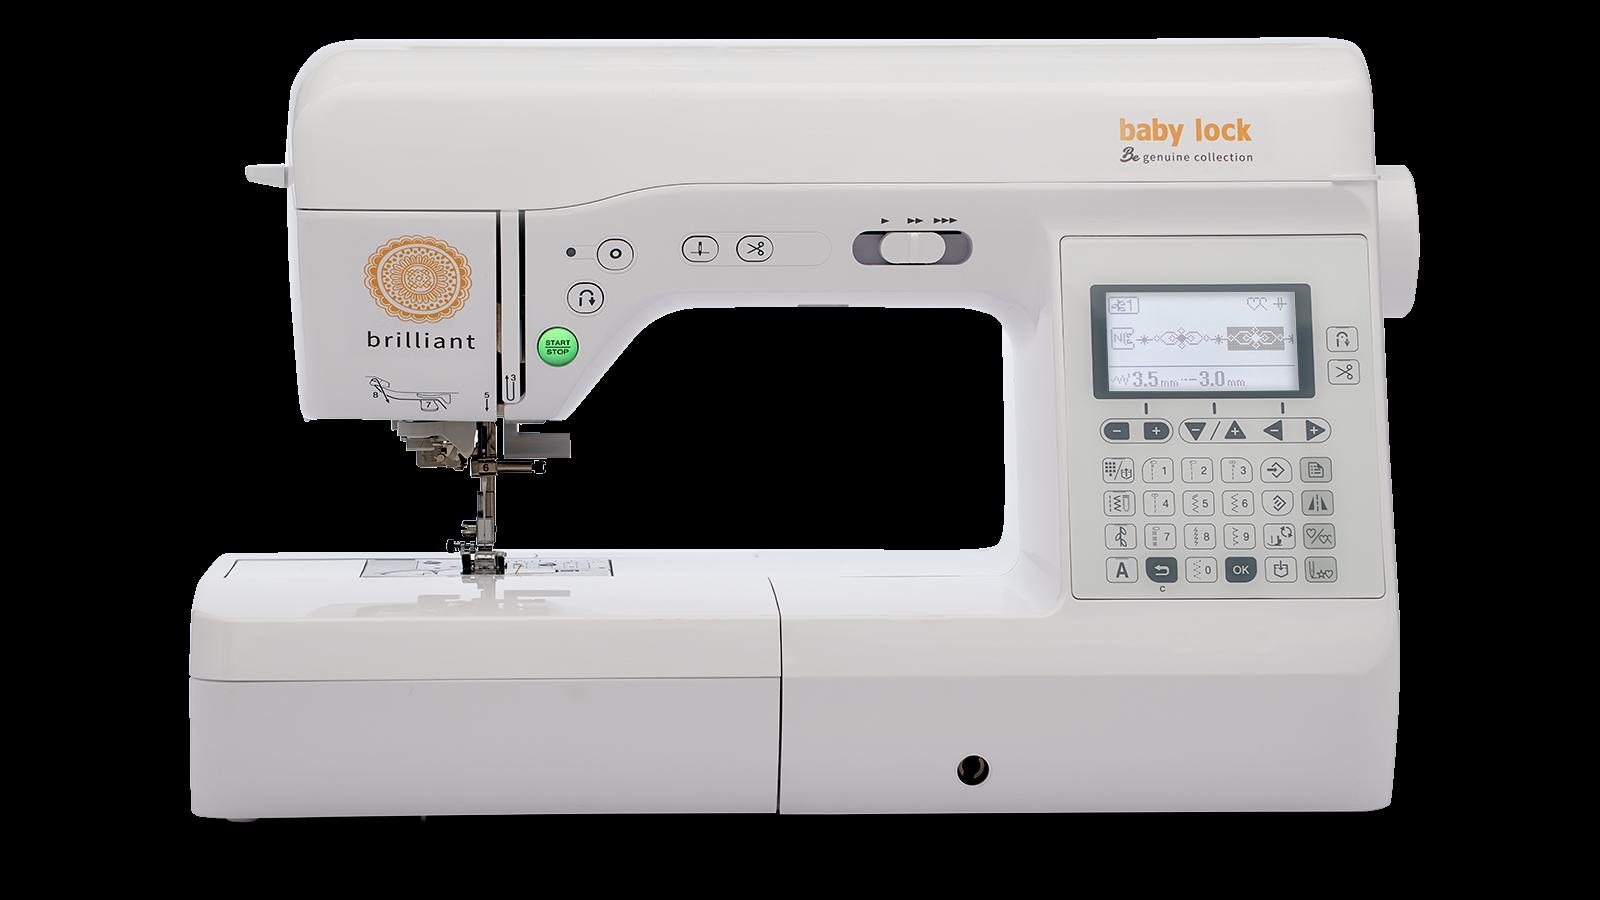 BL Machine - Brilliant Sewing machine